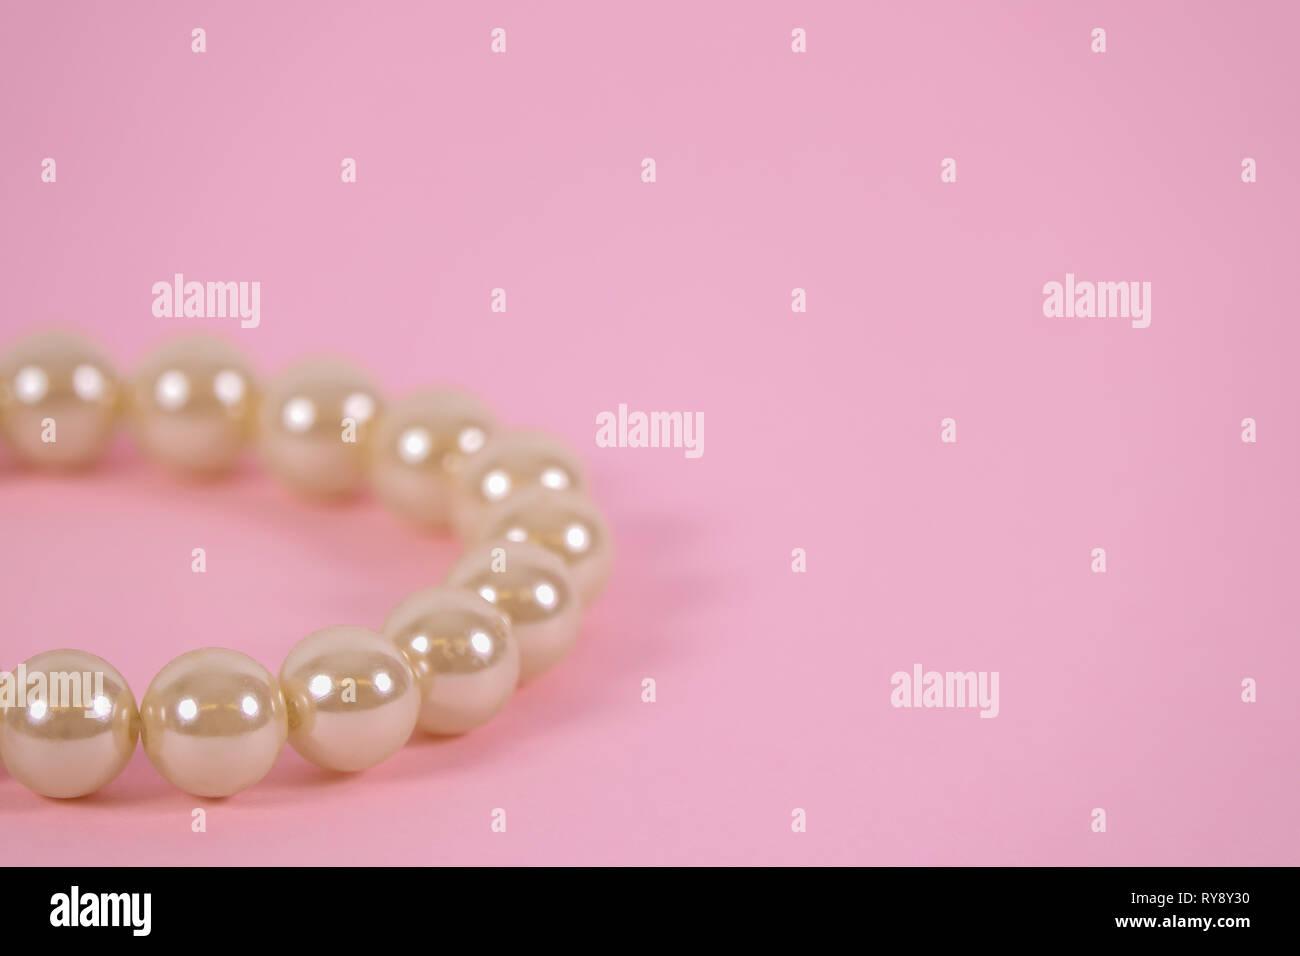 394a3ccc6e51 Una hermosa Pulsera de perlas sobre fondo de color rosa. Copia en blanco el  espacio